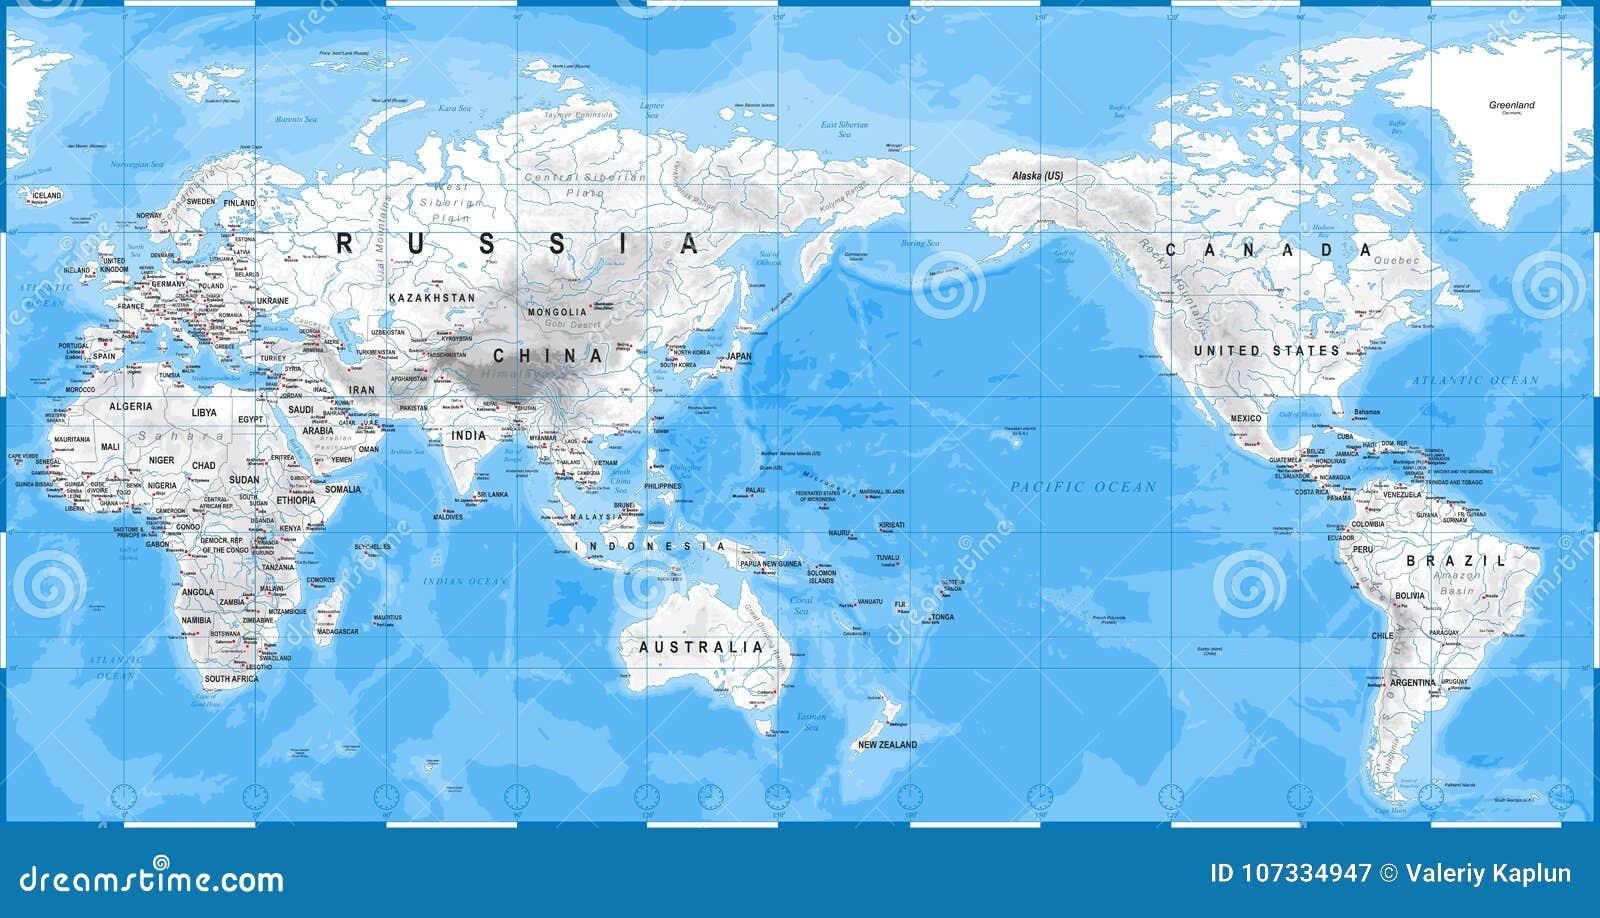 asien weltkarte Weltkarte Körperliches Weiß  Asien In Der Mitte   China, Korea  asien weltkarte